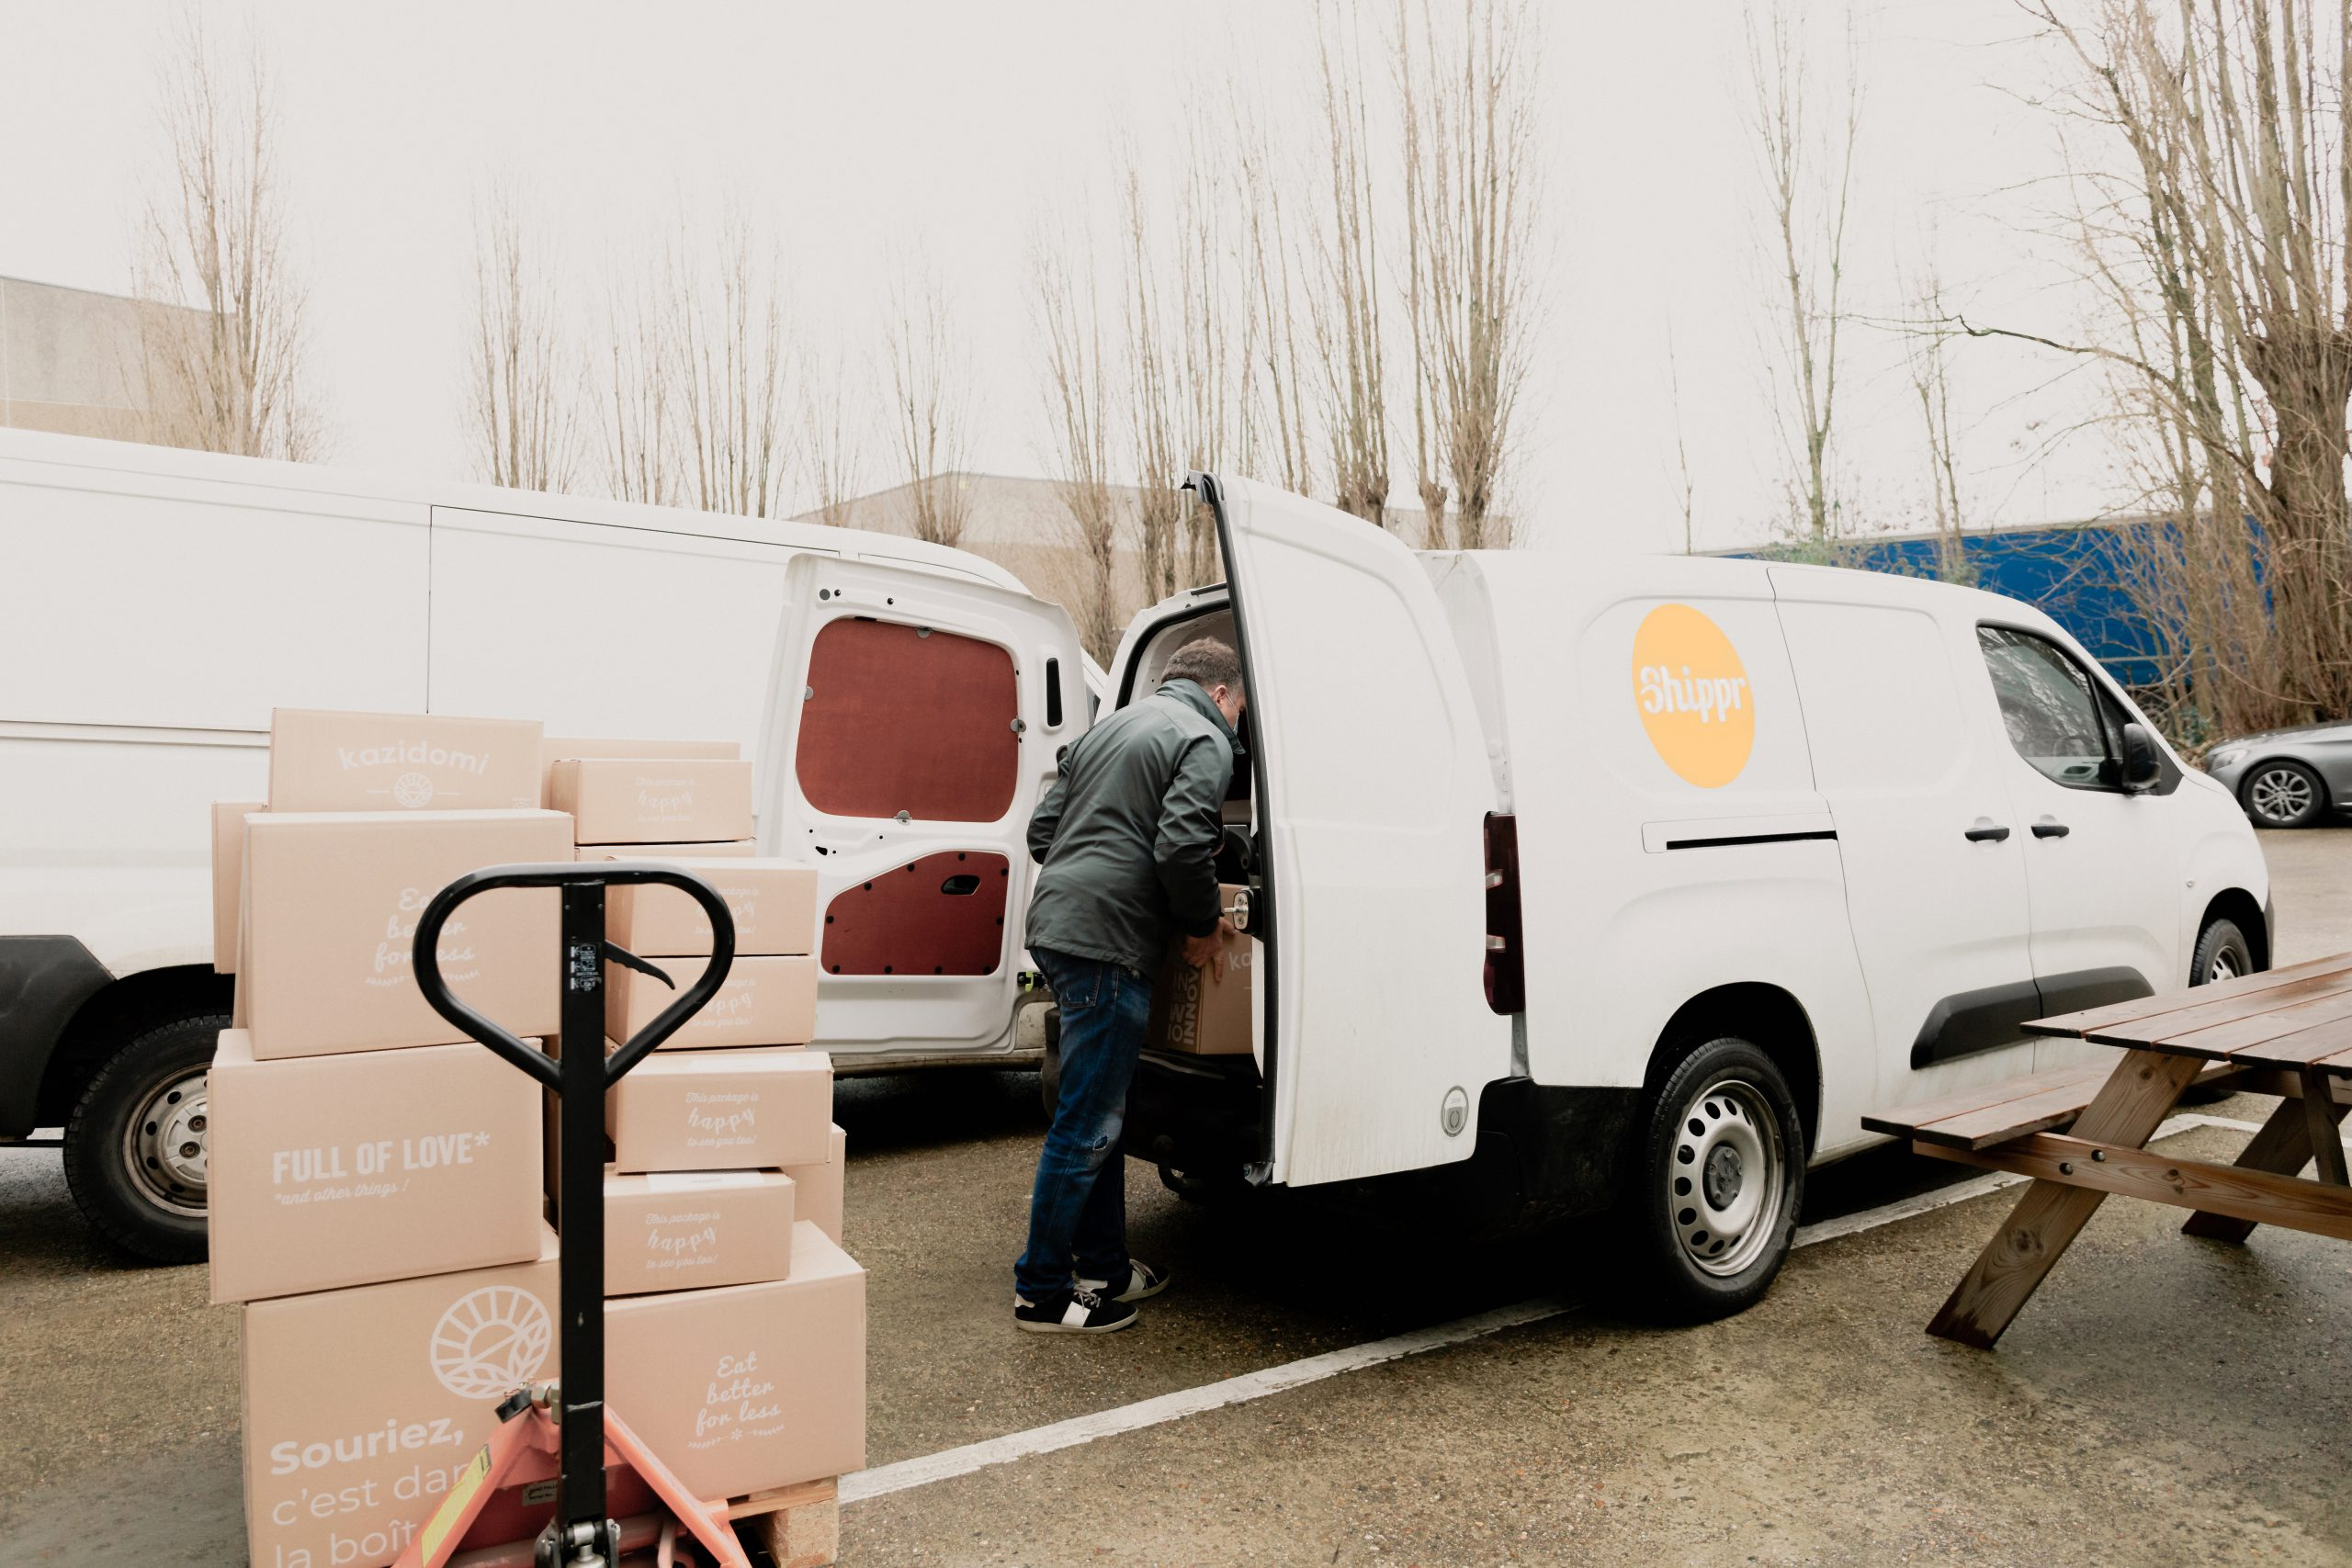 Livreur Shippr mettant des caisses en carton dans sa camionnette blanche